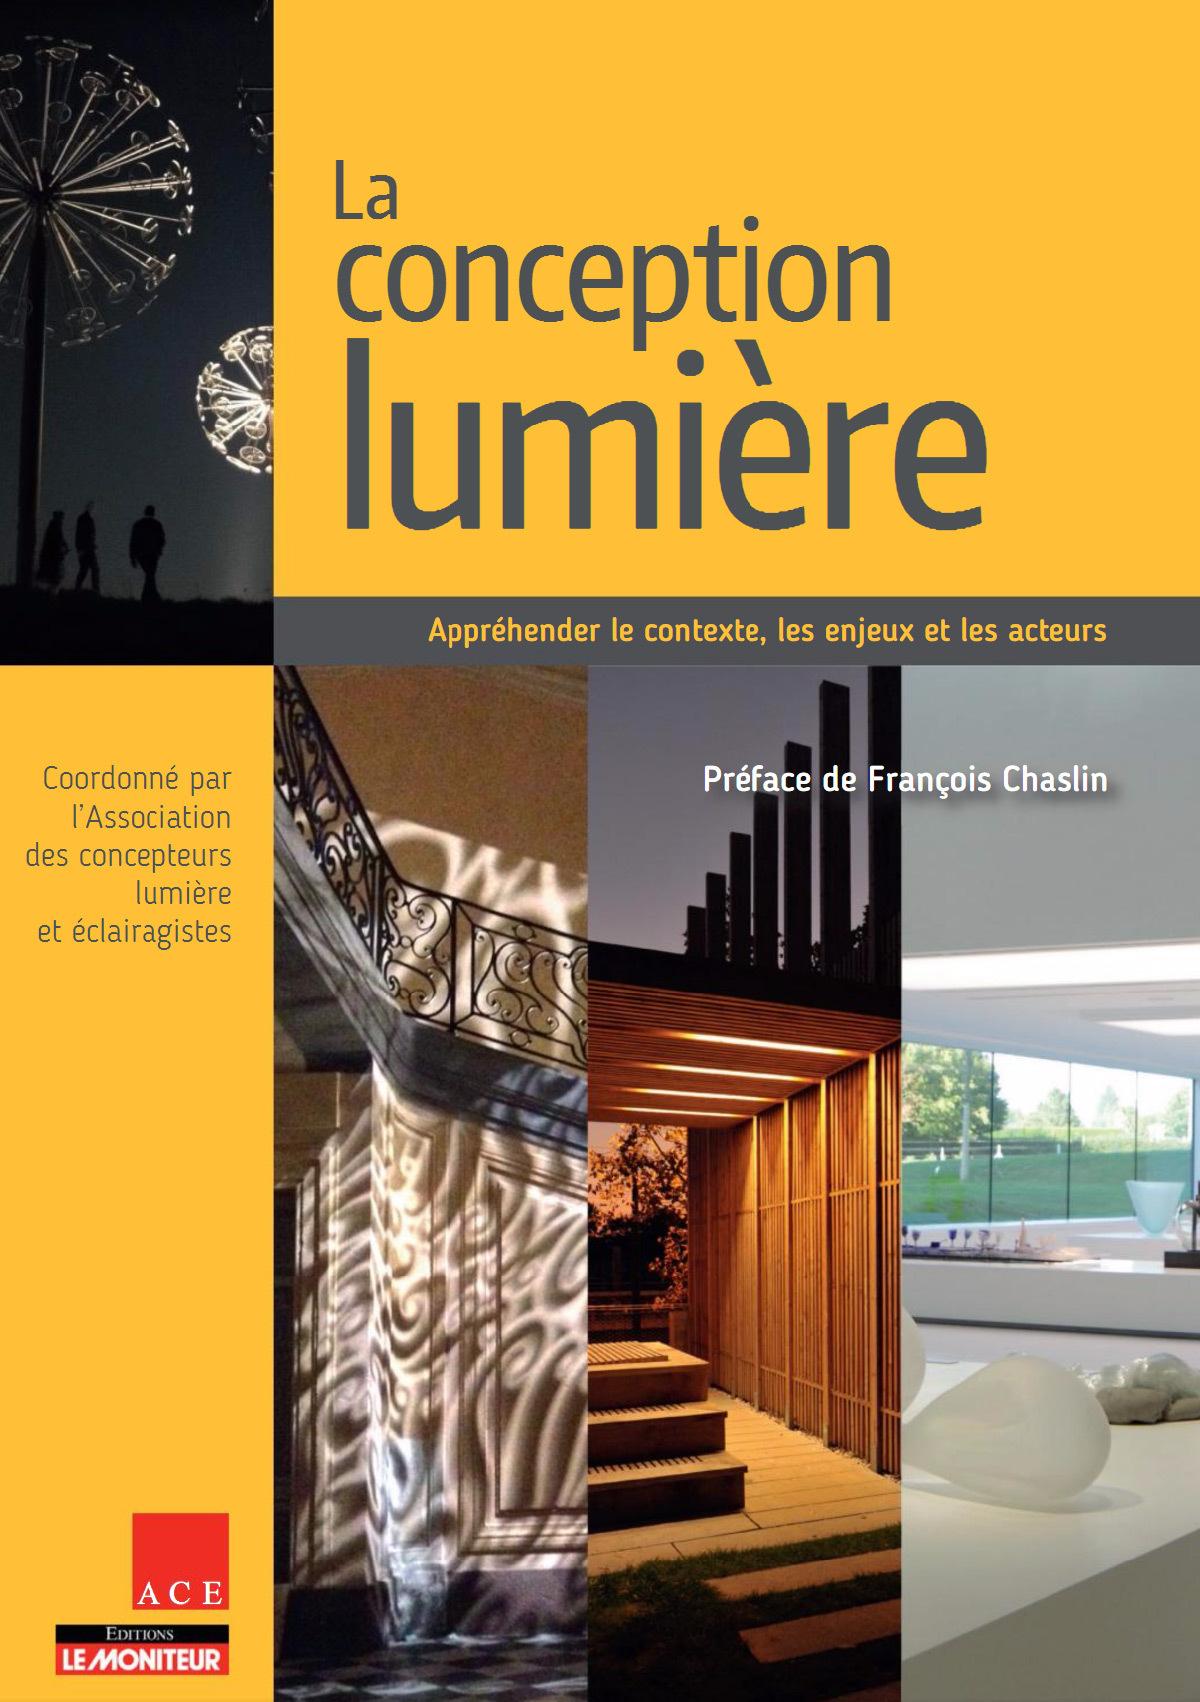 Coordonné par l'ACE et rédigé par 57 contributeurs représentatifs du projet d'éclairage, nouvel ouvrage de référence pour la conception lumière au Moniteur.